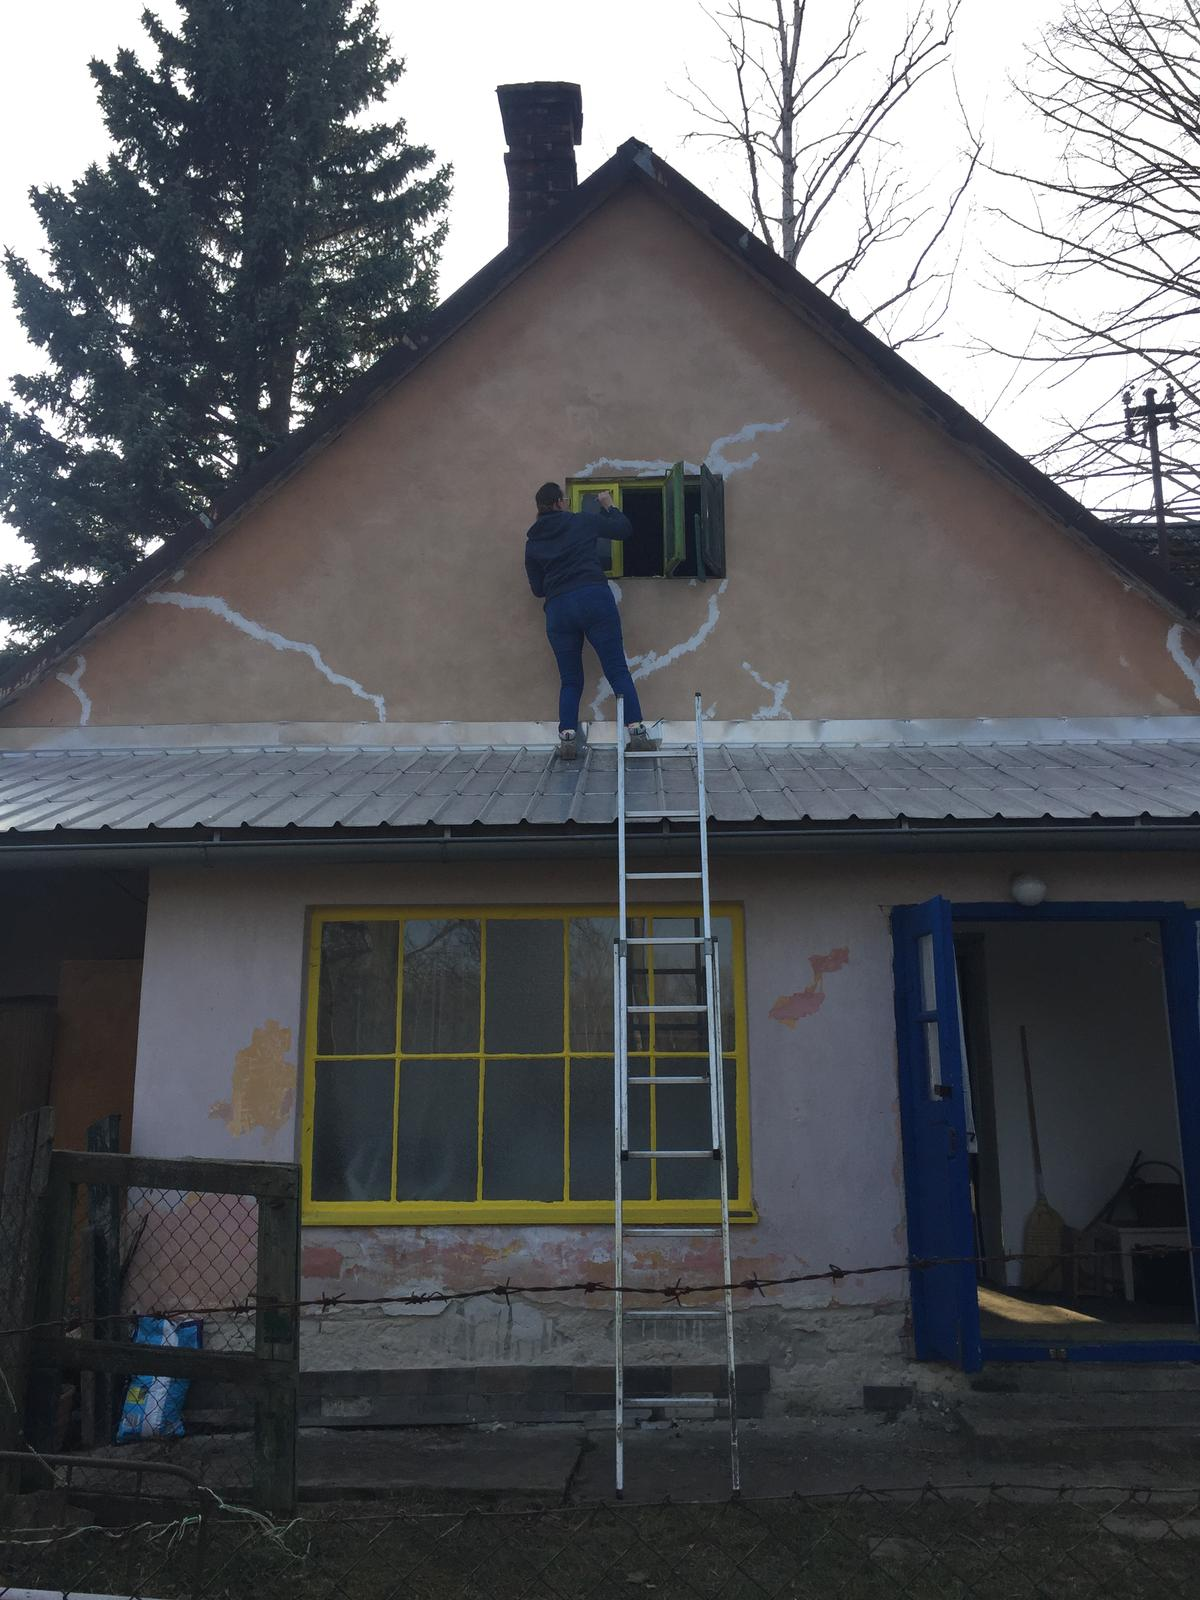 Dom - ...a znova som na streche....